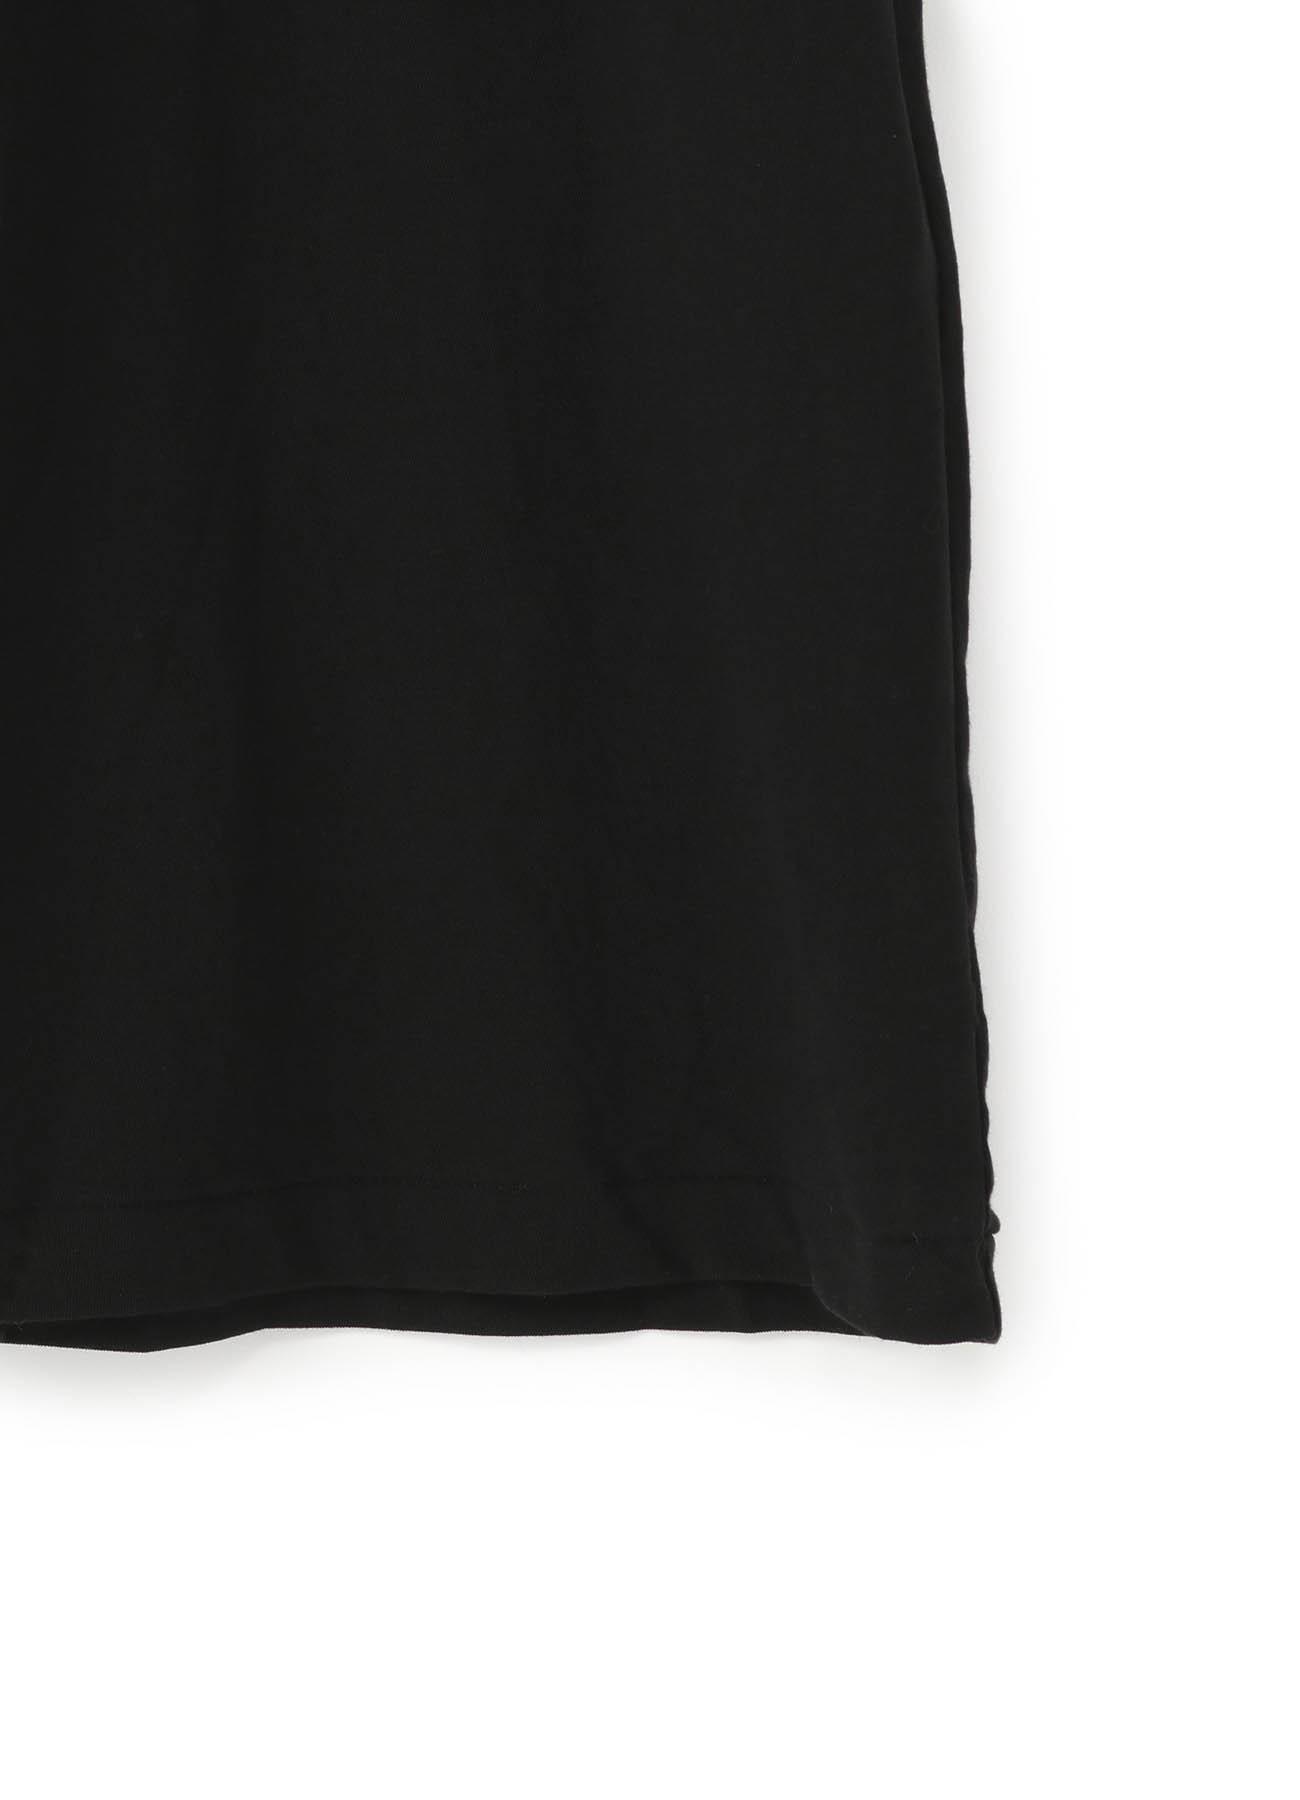 テクノラマ天竺 紐通し長袖